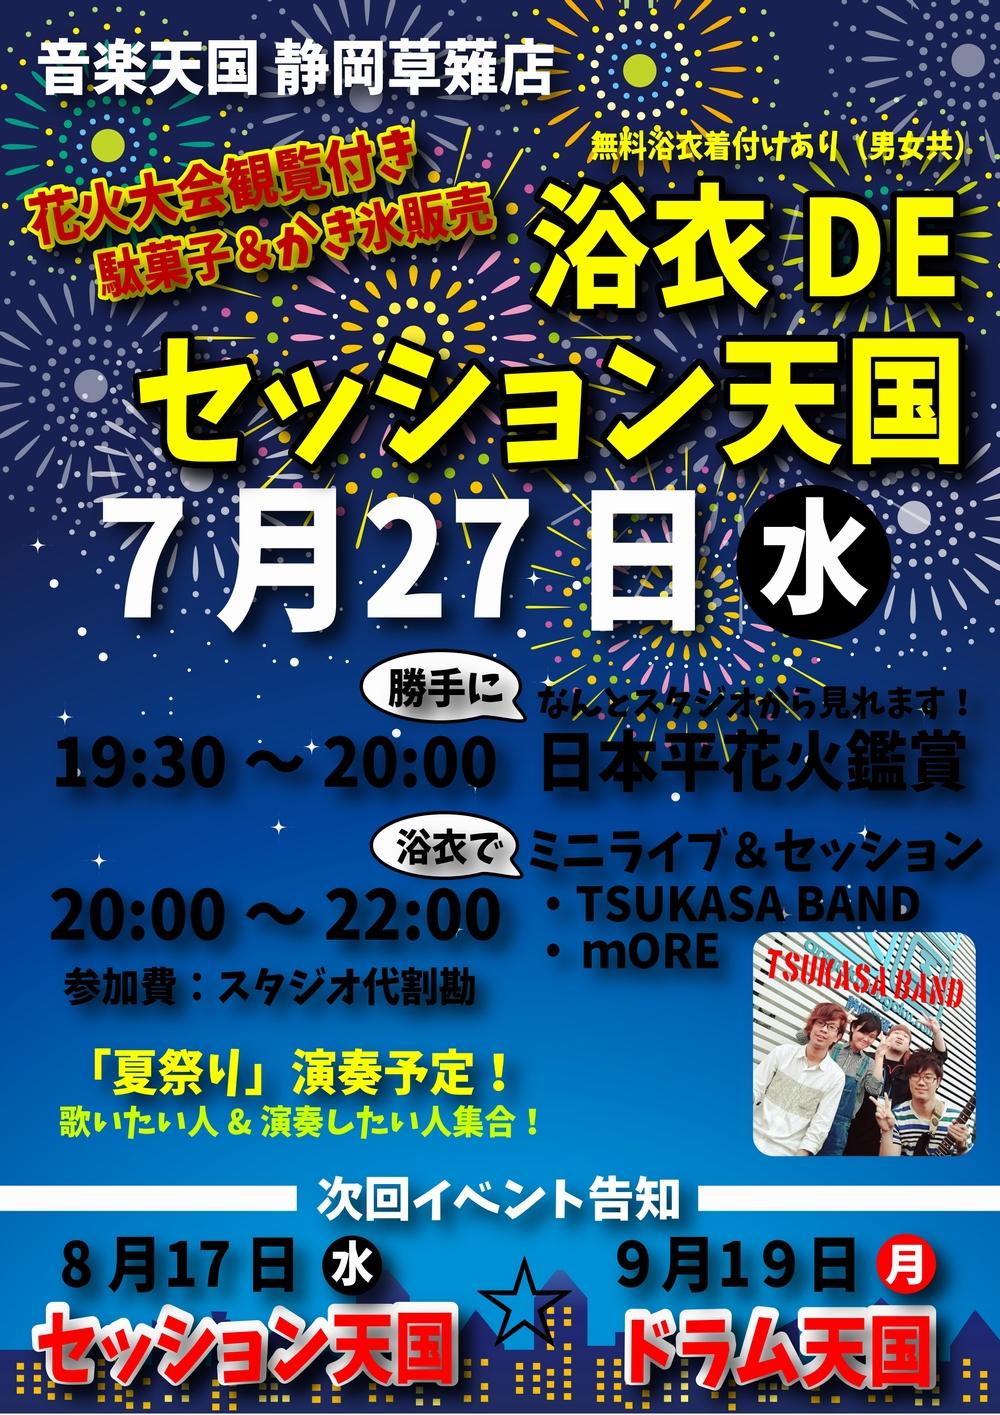 【浴衣DEセッション天国&ミニライブ】音楽天国・静岡草薙店7月27日(水)初開催